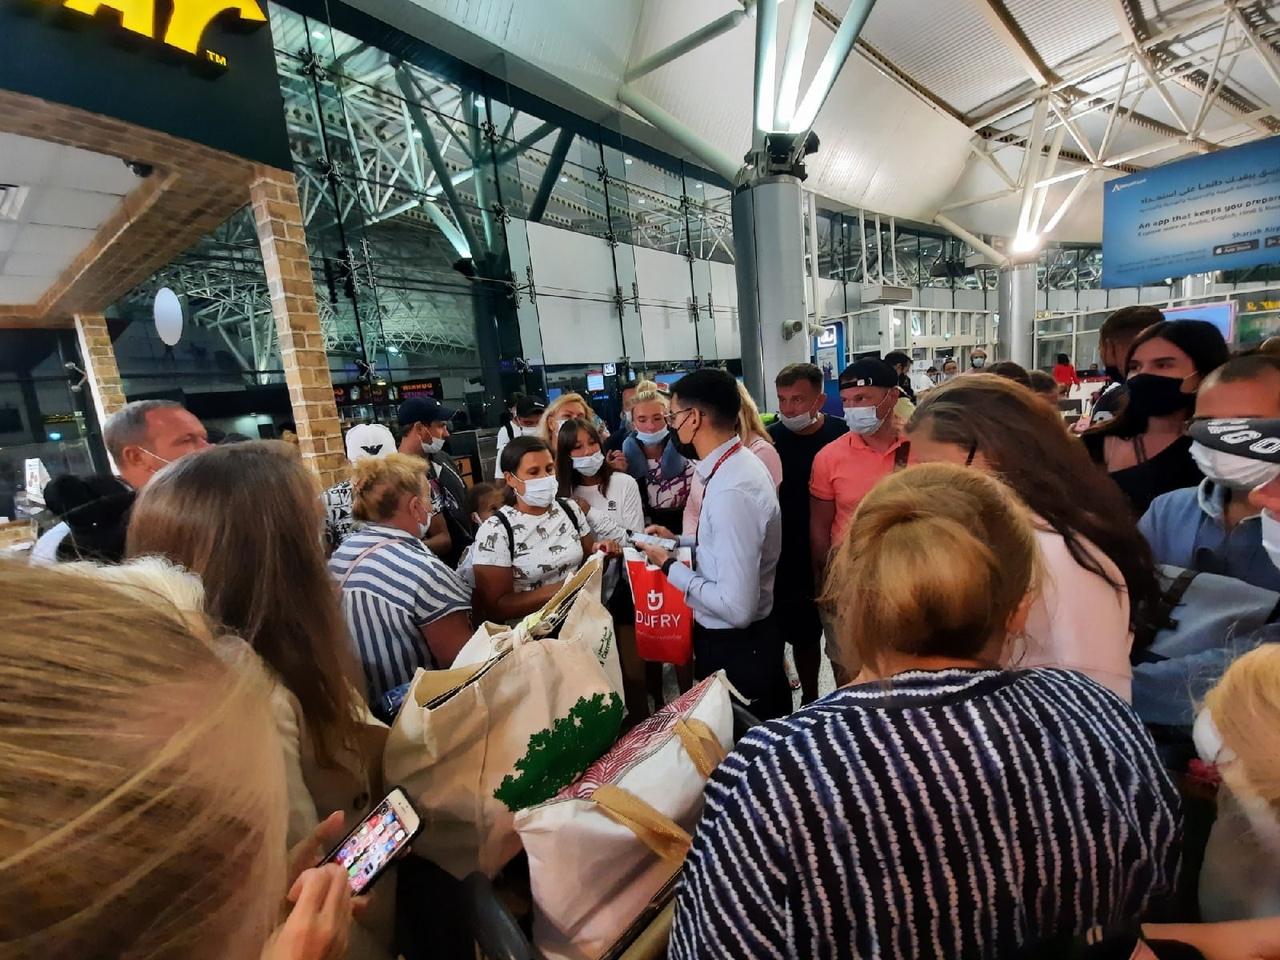 Рейс FV5660 Шарджа - Пулково задерживается более чем на 12 часов. (Авиакомпании Россия). На данный м...